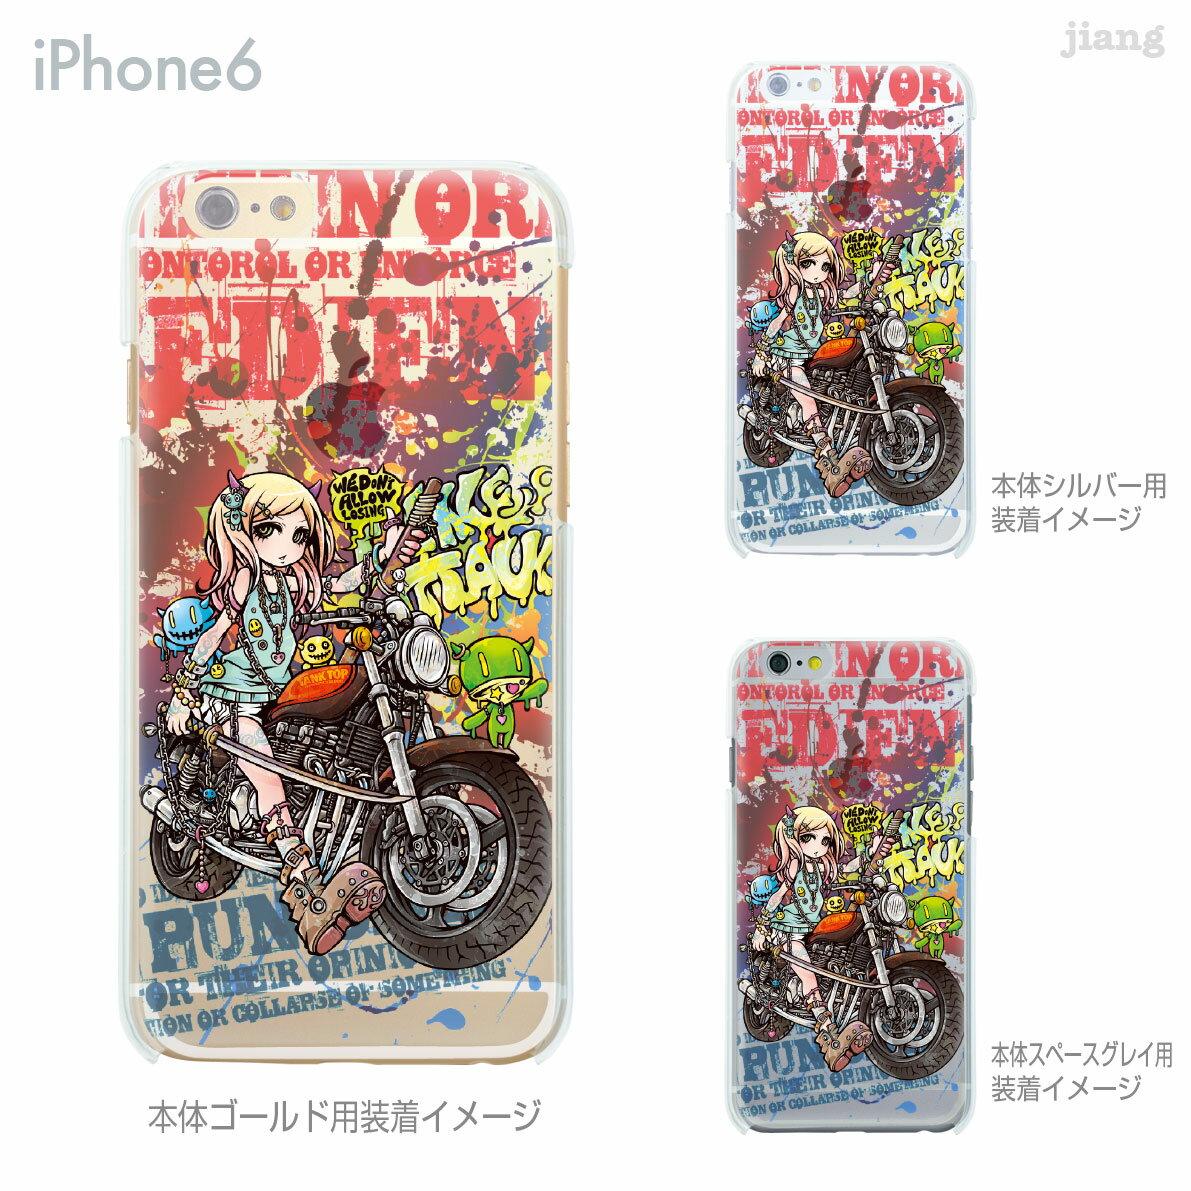 iPhoneX iPhone X ケース iPhone8 iPhone7ケース iPhone7 Plus iPhone6s iPhone6 Plus iphone ハードケース Clear Arts ケース カバー スマホケース クリアケース Project.C.K. BLADE 11-ip6-ca0013-s